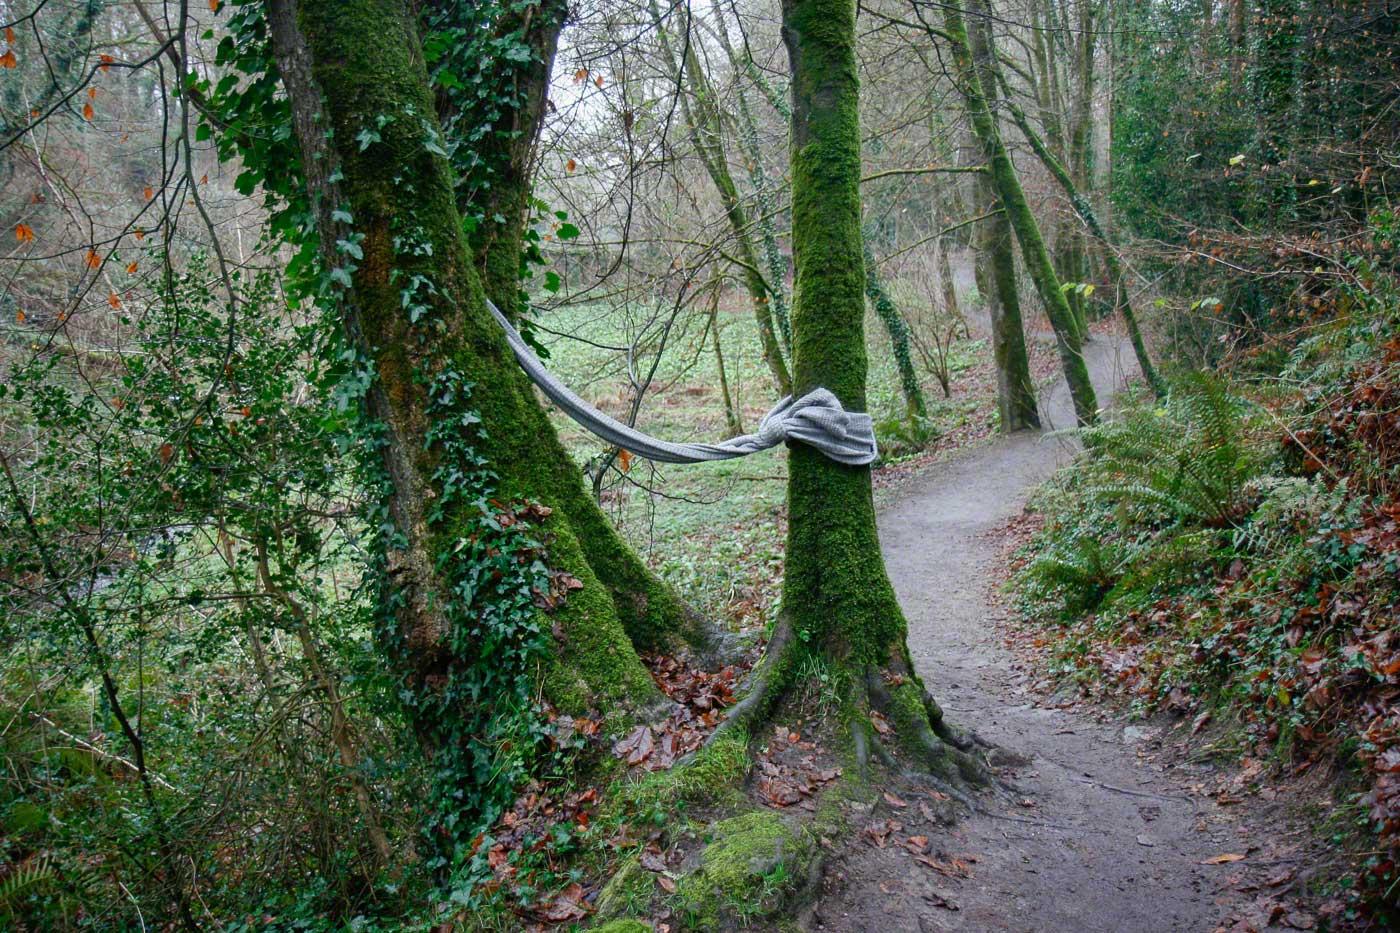 Adèle, bois de Keroual, 21 décembre 2016, série photographique [Je voudrais aller me promener dans les bois], photographie réalisée par Marie-Claire Raoul lors d'une résidence à l'espace Lcause